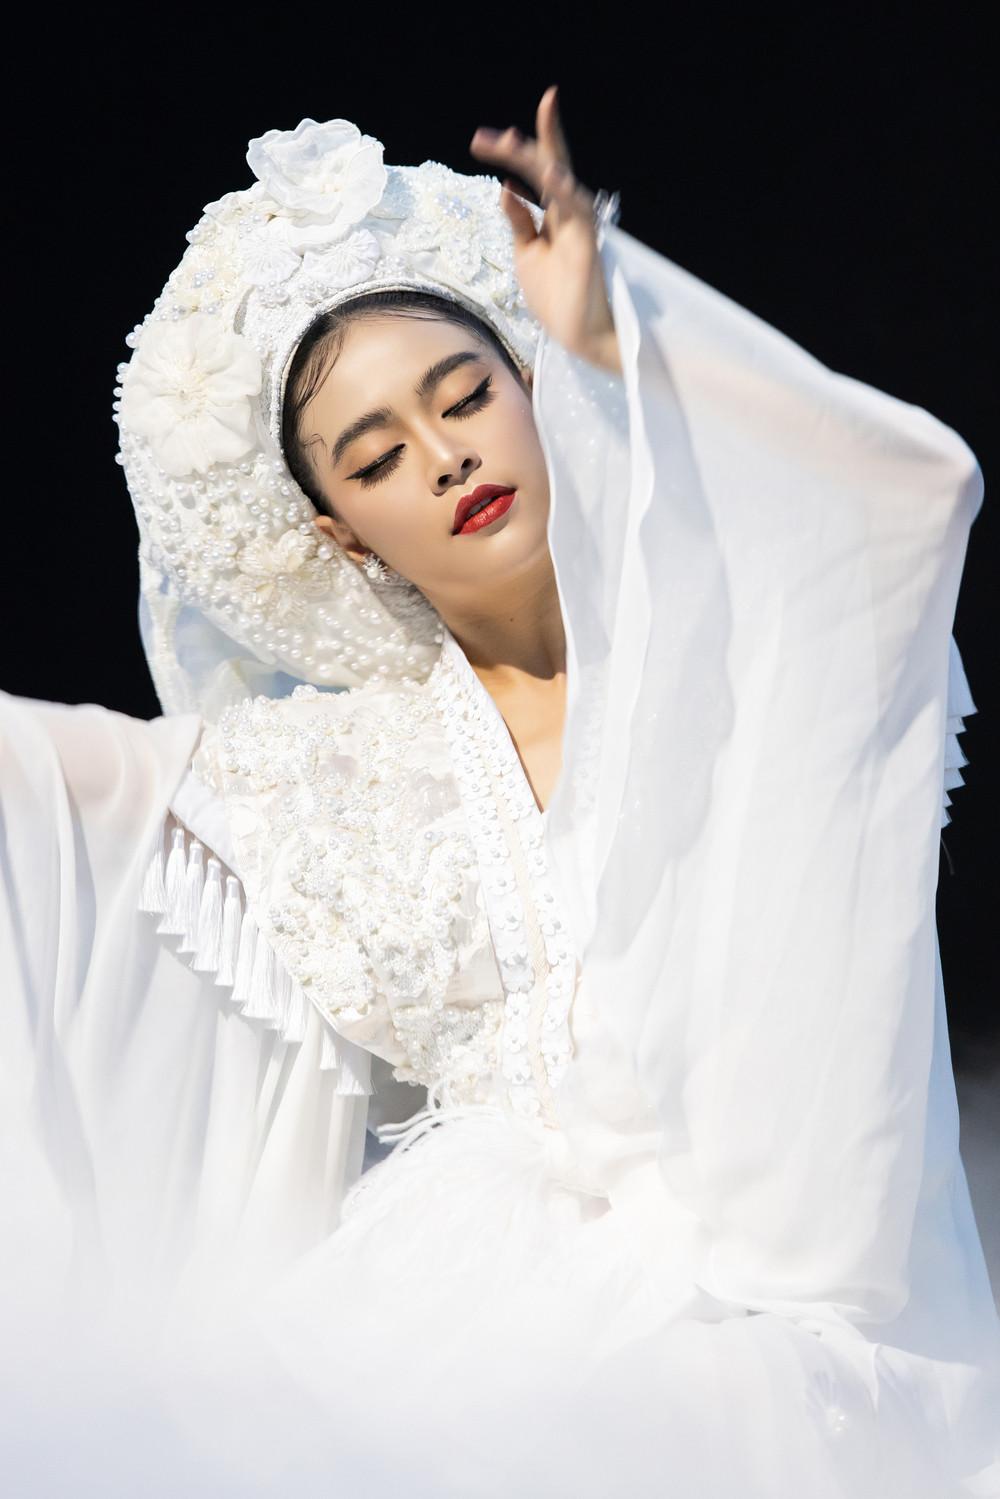 Ngỡ ngàng khi Quế Vân lên tiếng bắt bẻ Tứ Phủ của Hoàng Thùy Linh: Tôi thấy sai khi đặt Đạo Mẫu vào giải trí